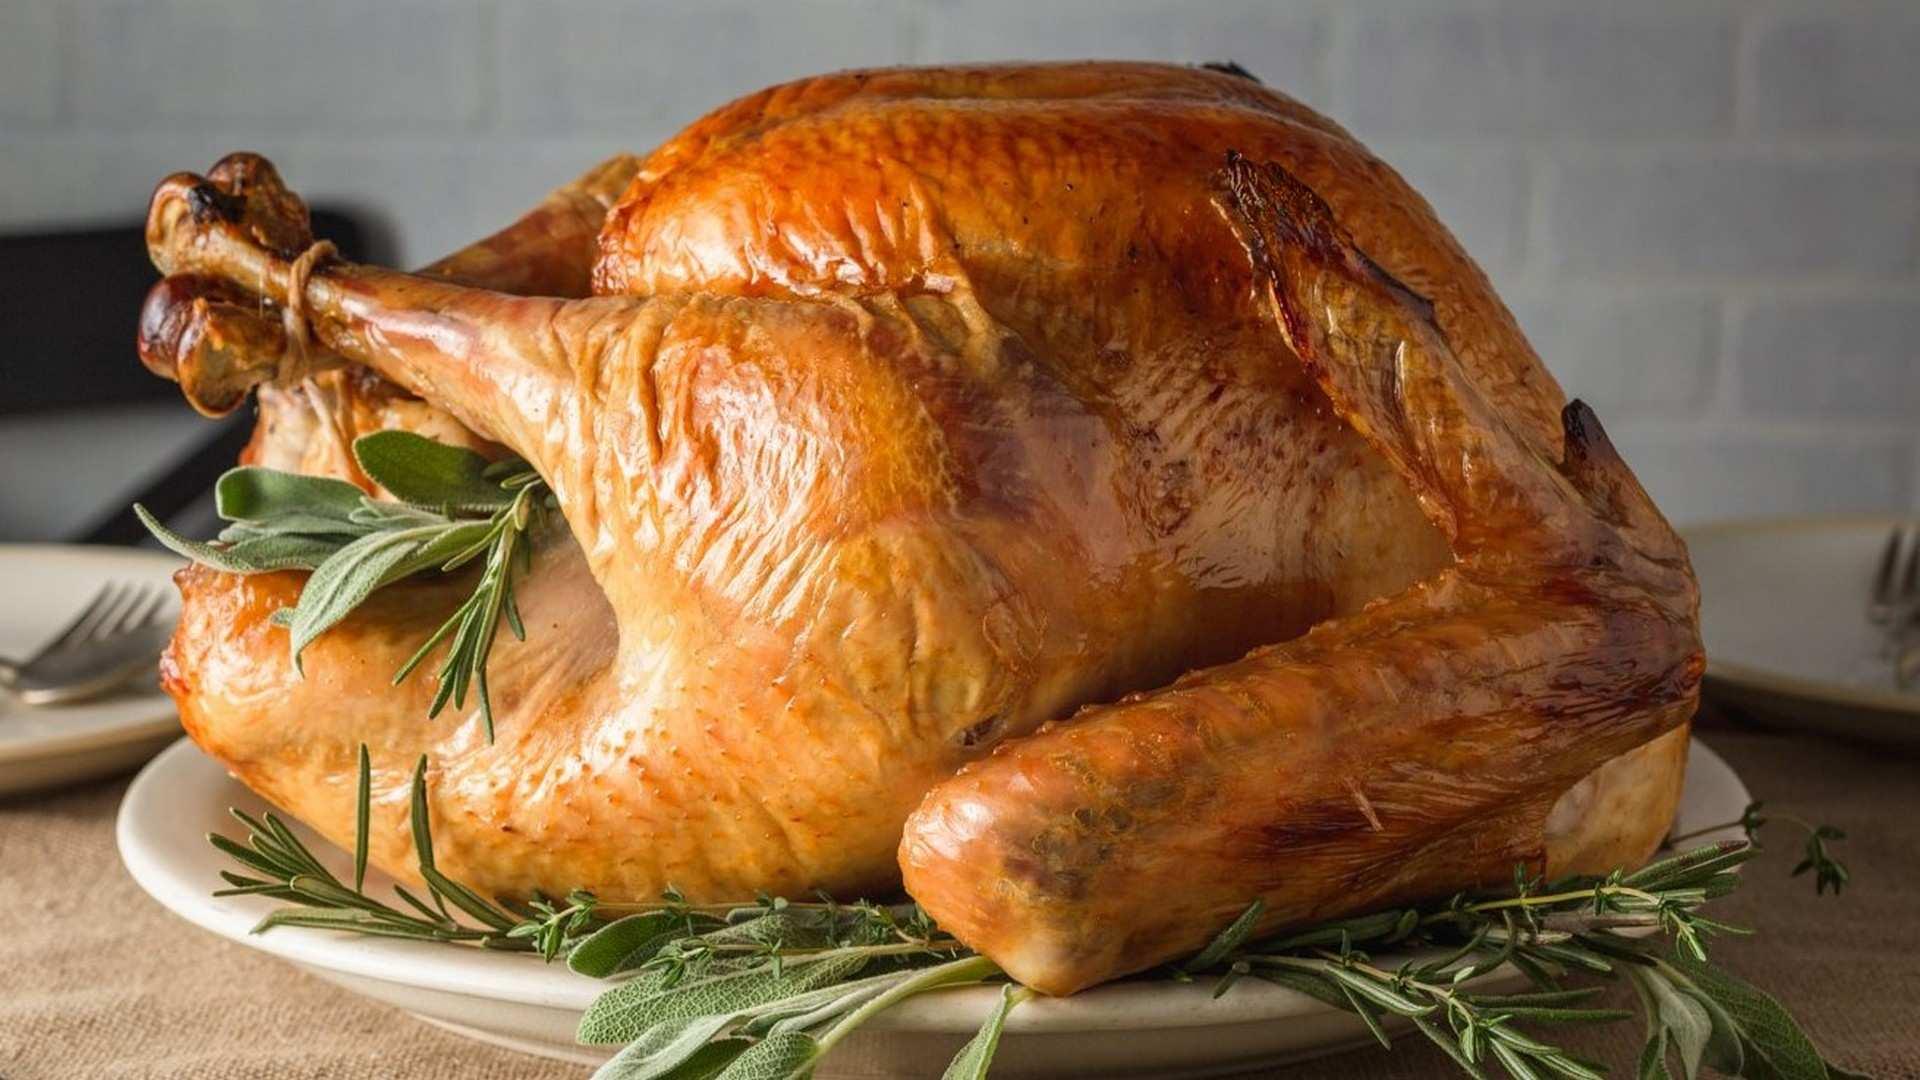 Receta de Pavo asado relleno: especial recetas de Navidad